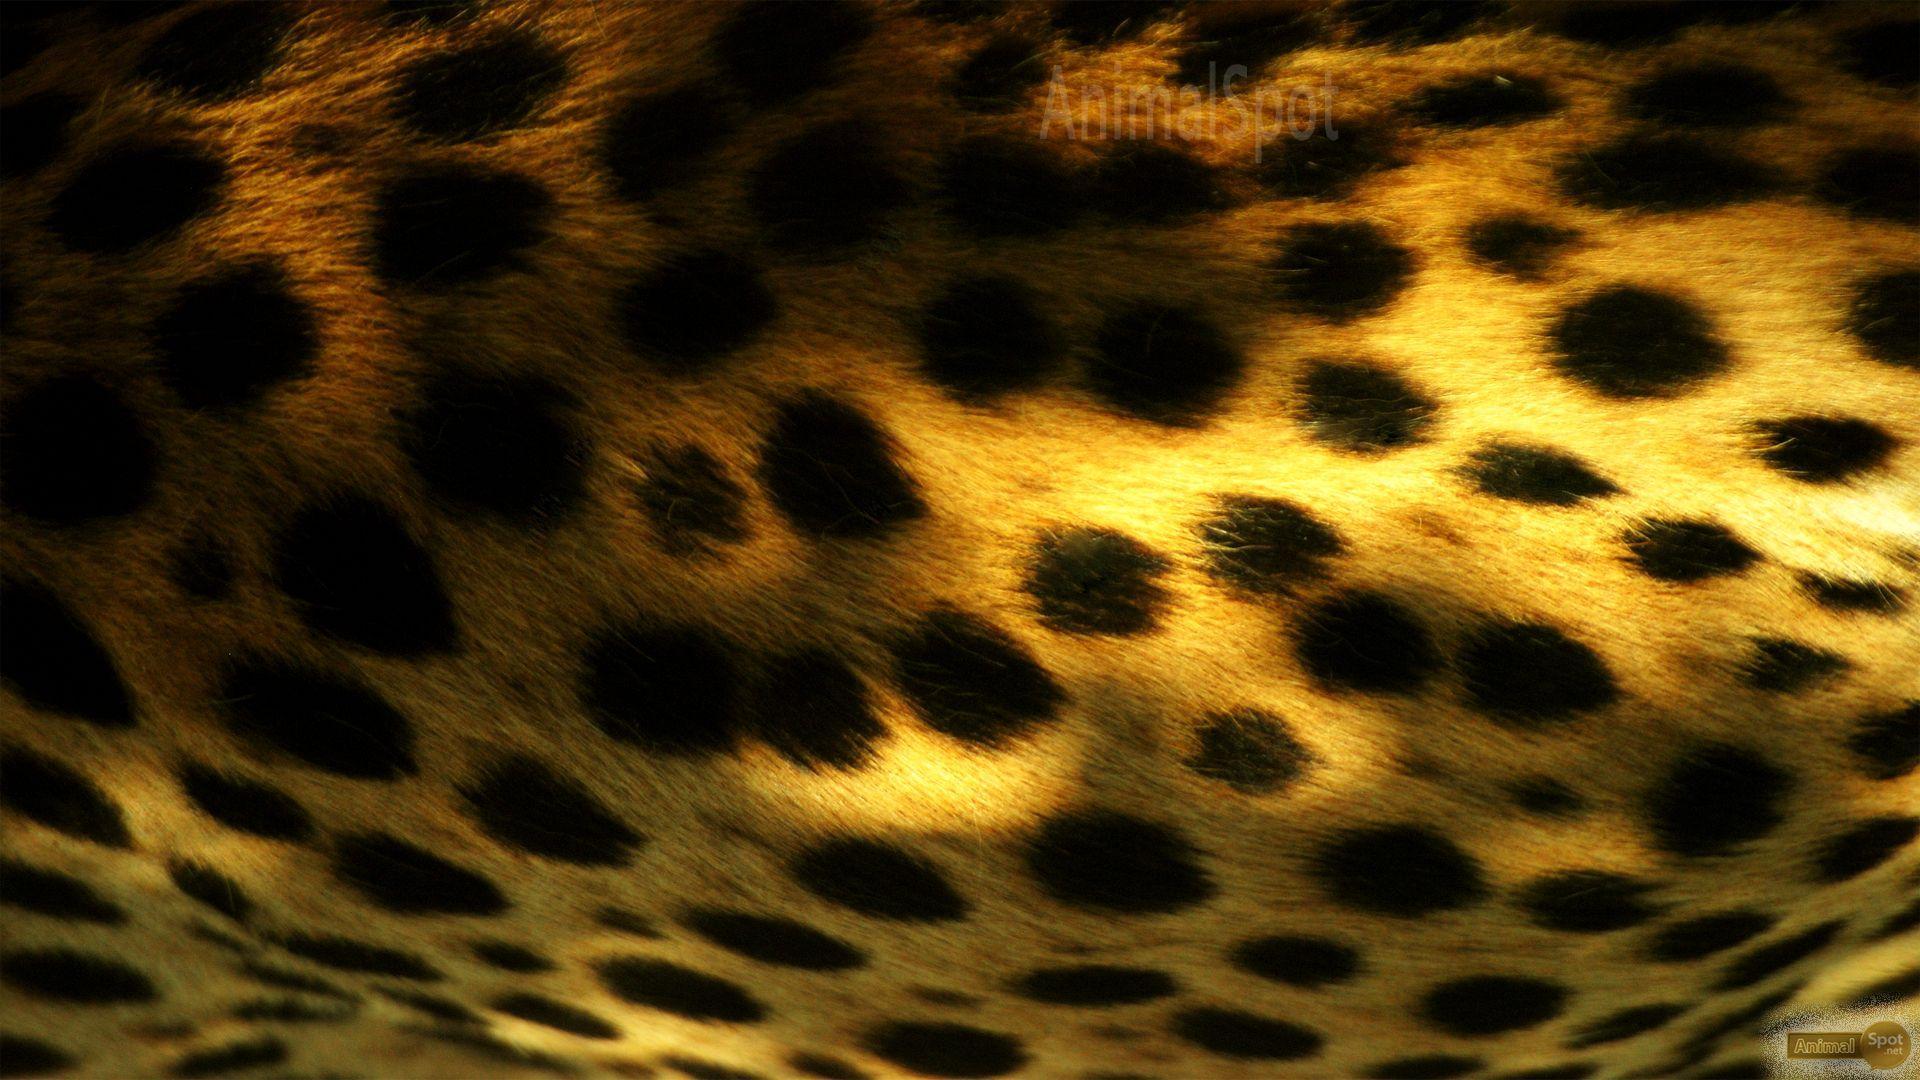 1920x1080 Cheetah hình nền â ????  Đốm động vật